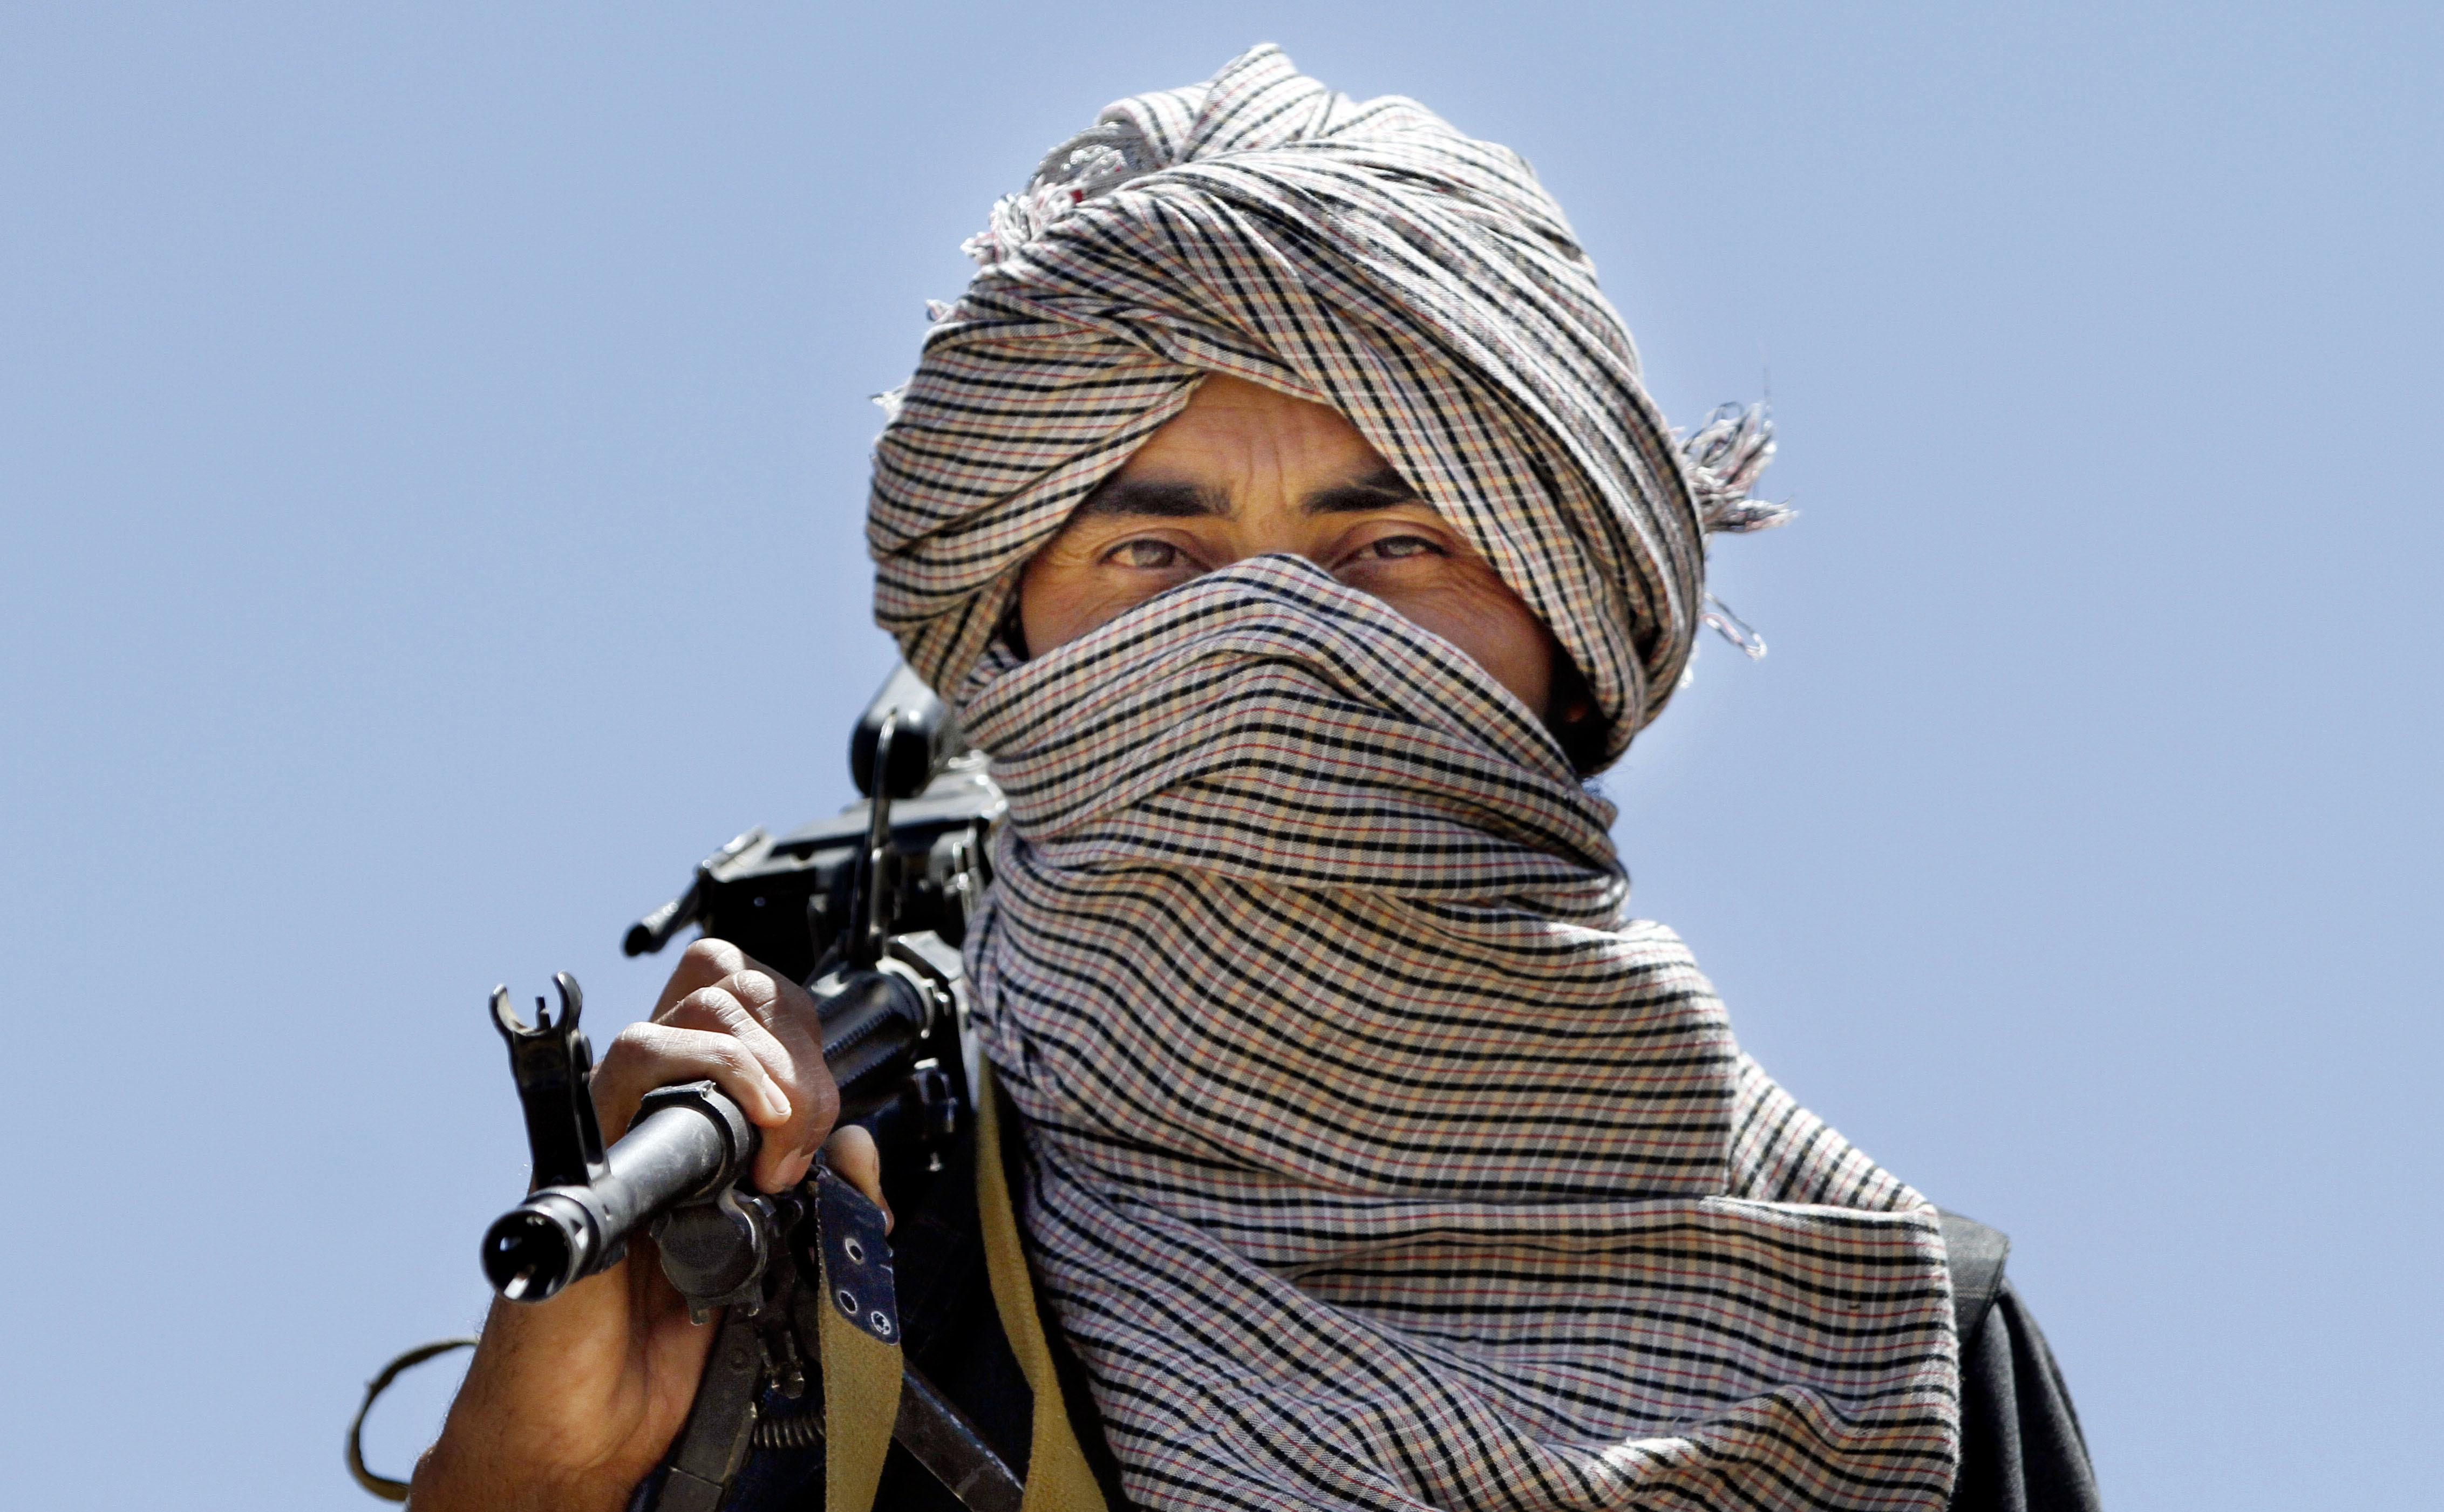 阿富汗,撤軍,美軍,北約,神學士,塔利班,賓拉登,911事件,拜登,蘇聯,烏克蘭,中國,一帶一路,中亞